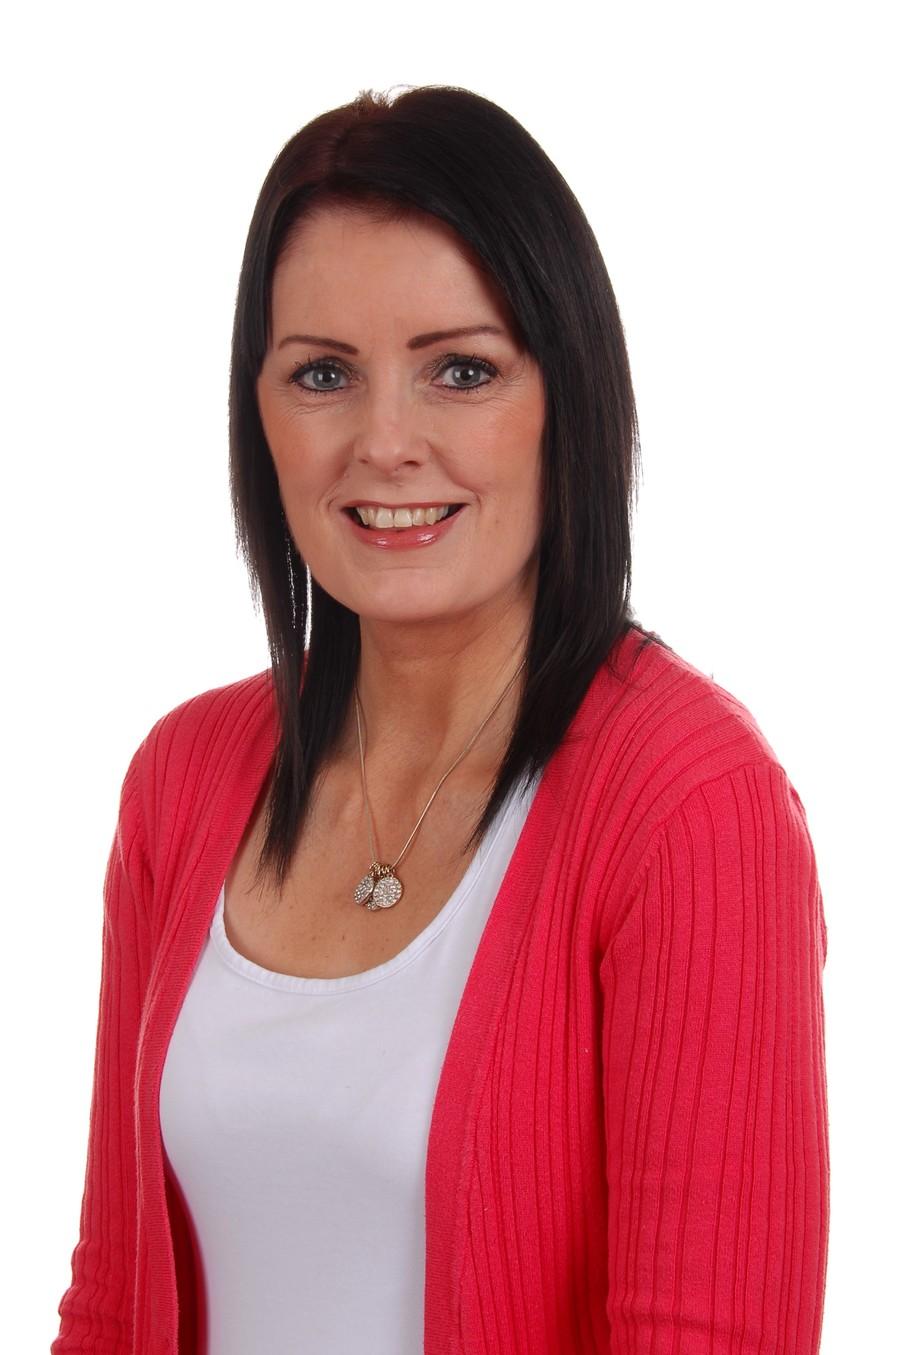 Mrs Eileen Cunning